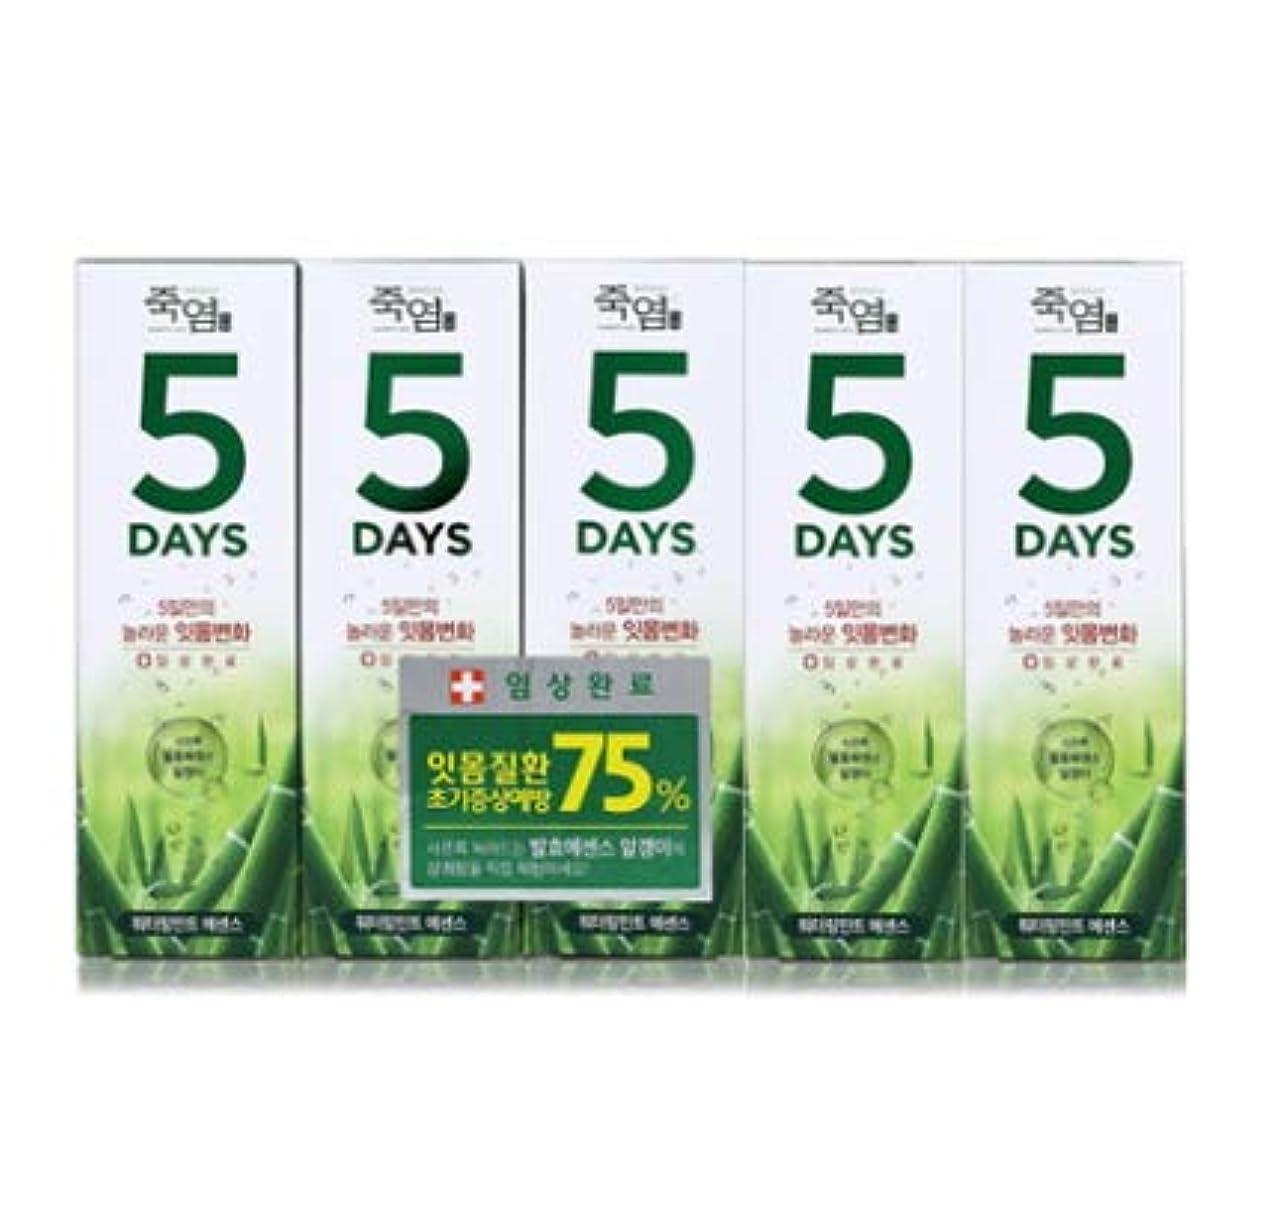 めるパーフェルビッドタイル[LG Care/LG生活健康]竹塩歯磨き粉5daysウォーターリングミント100g x5ea/歯磨きセットスペシャル?リミテッドToothpaste Set Special Limited Korea(海外直送品)